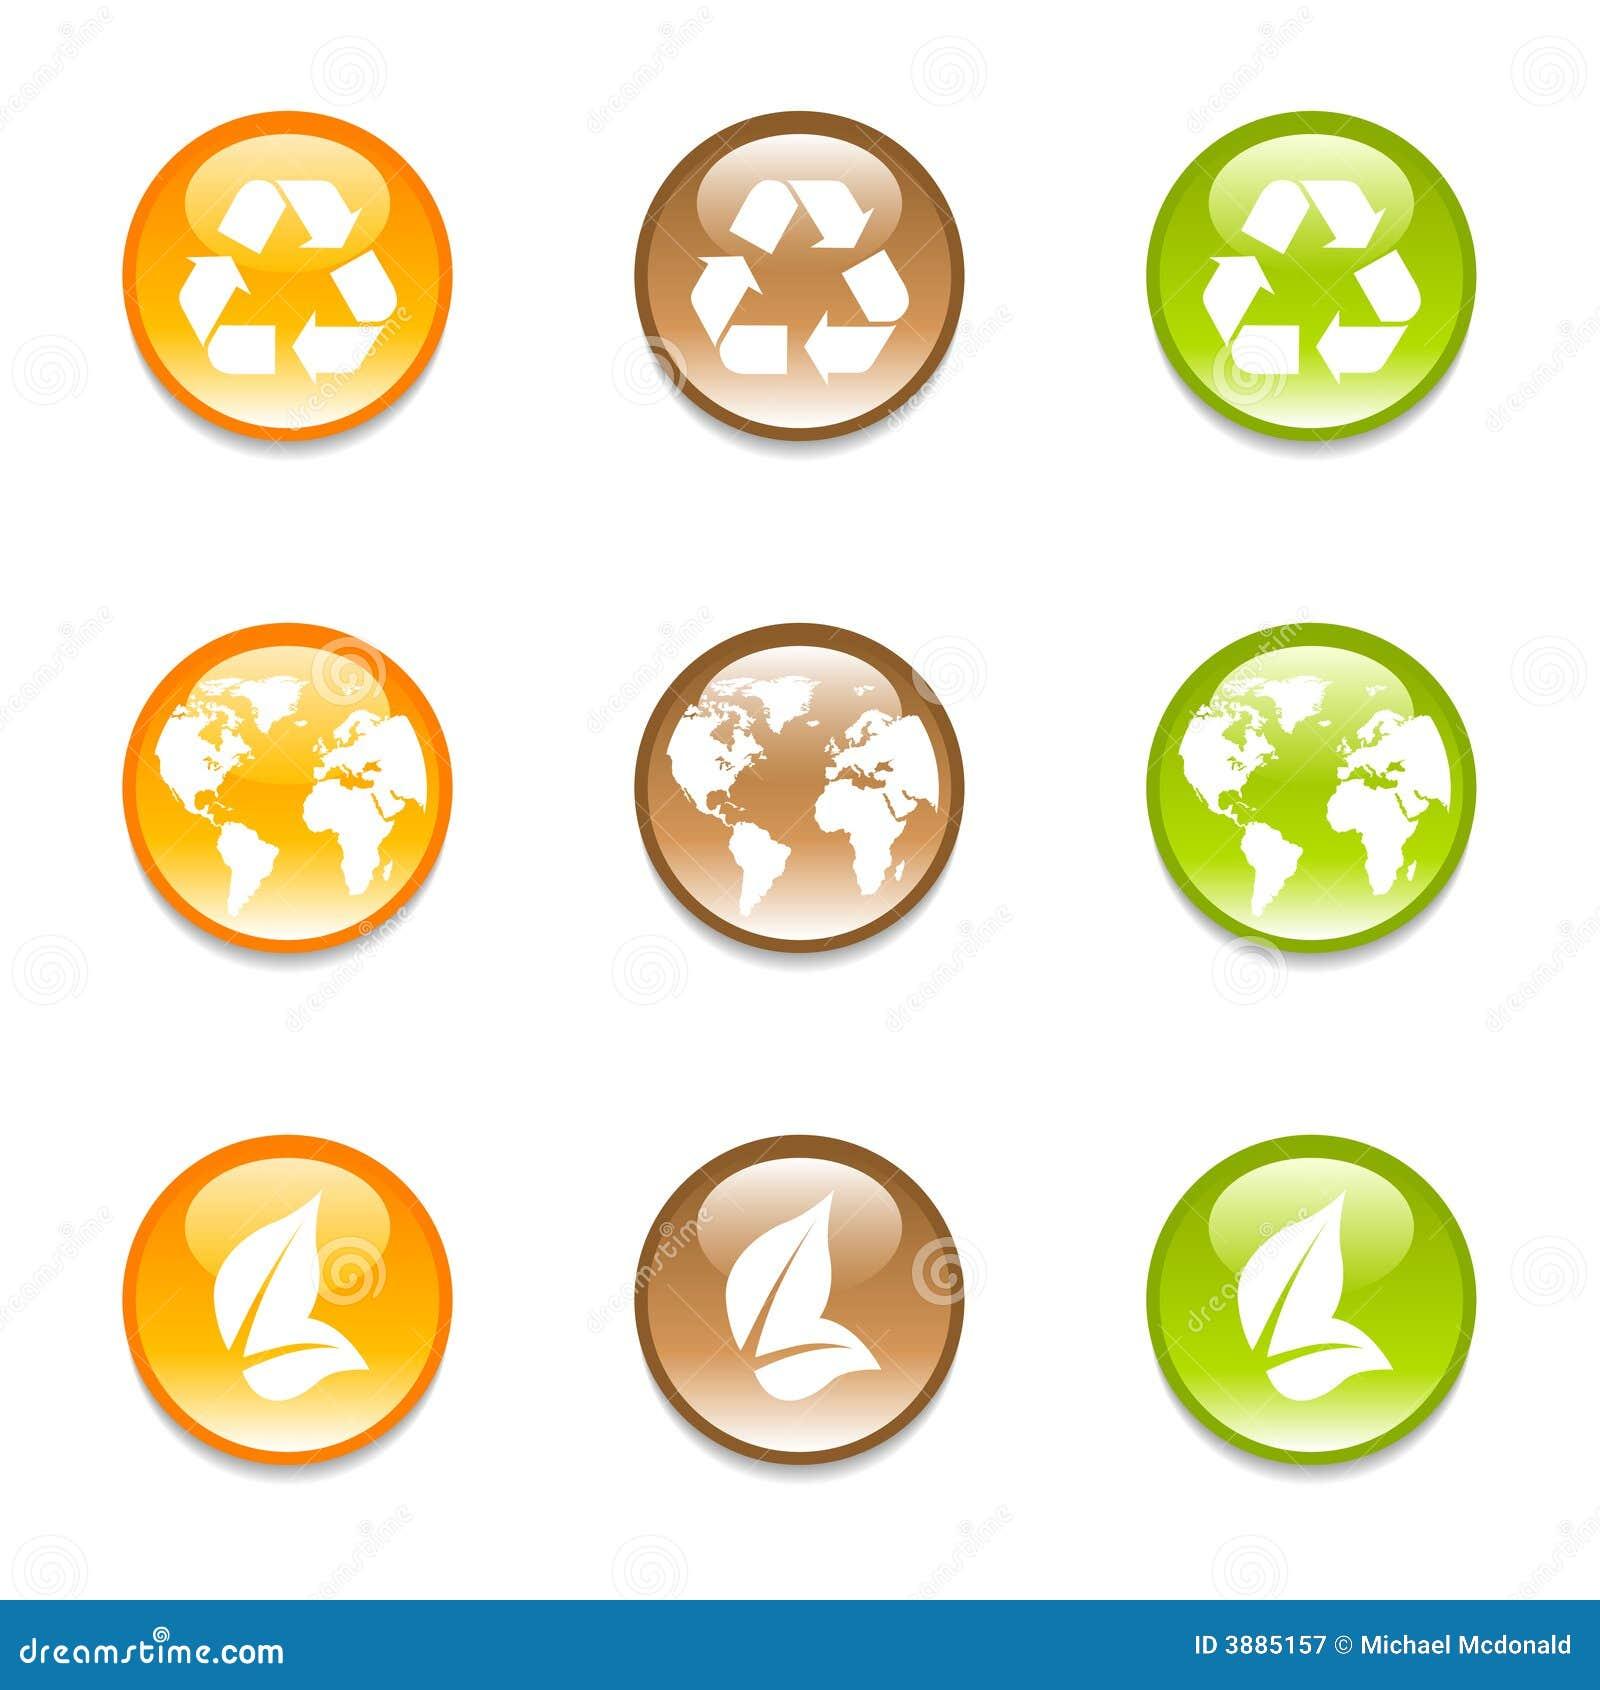 Réutilisation des graphismes de la terre dans 3 couleurs